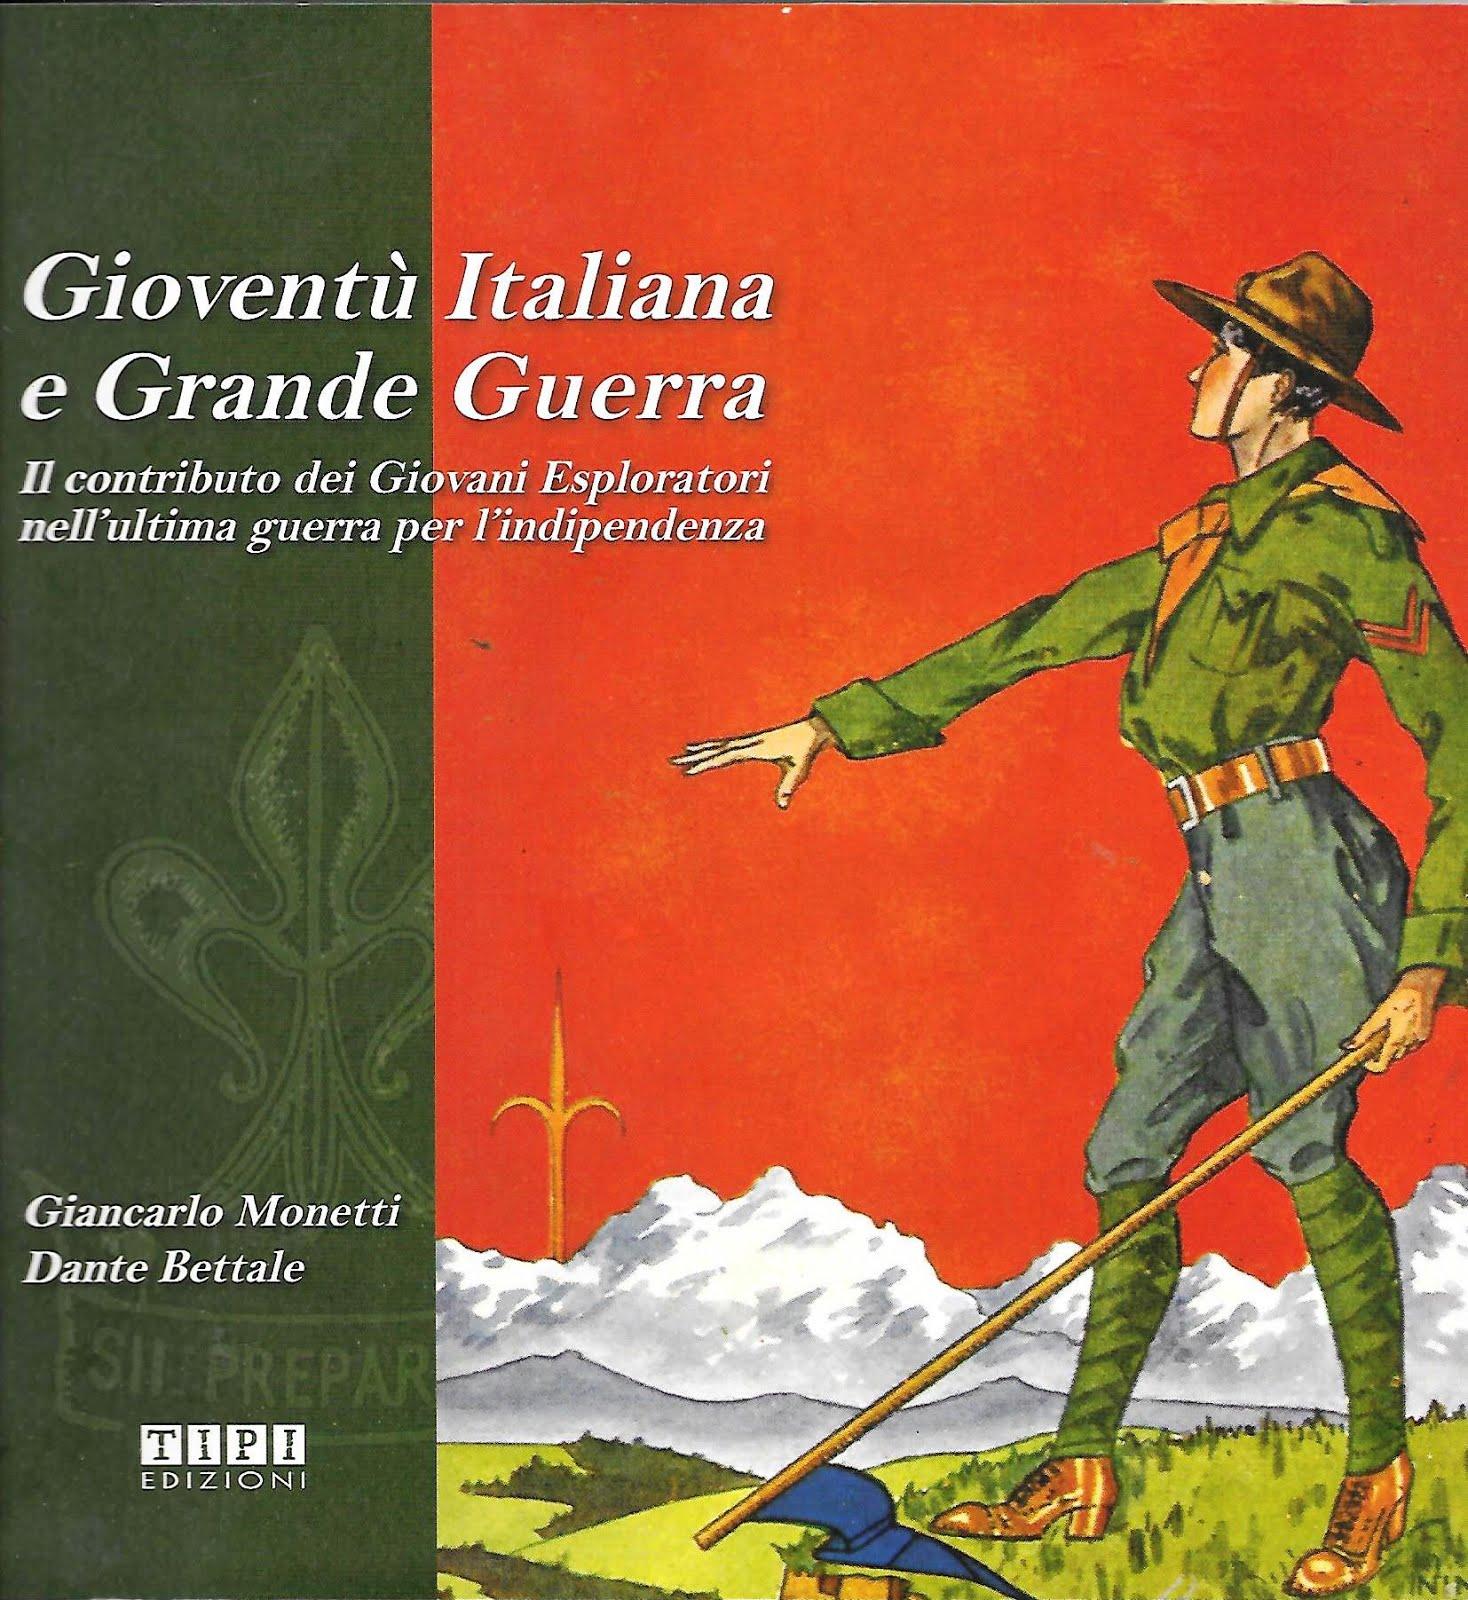 Ricerca Scout. Un volume dedicato allo scautismo nella Grande Guerra sca